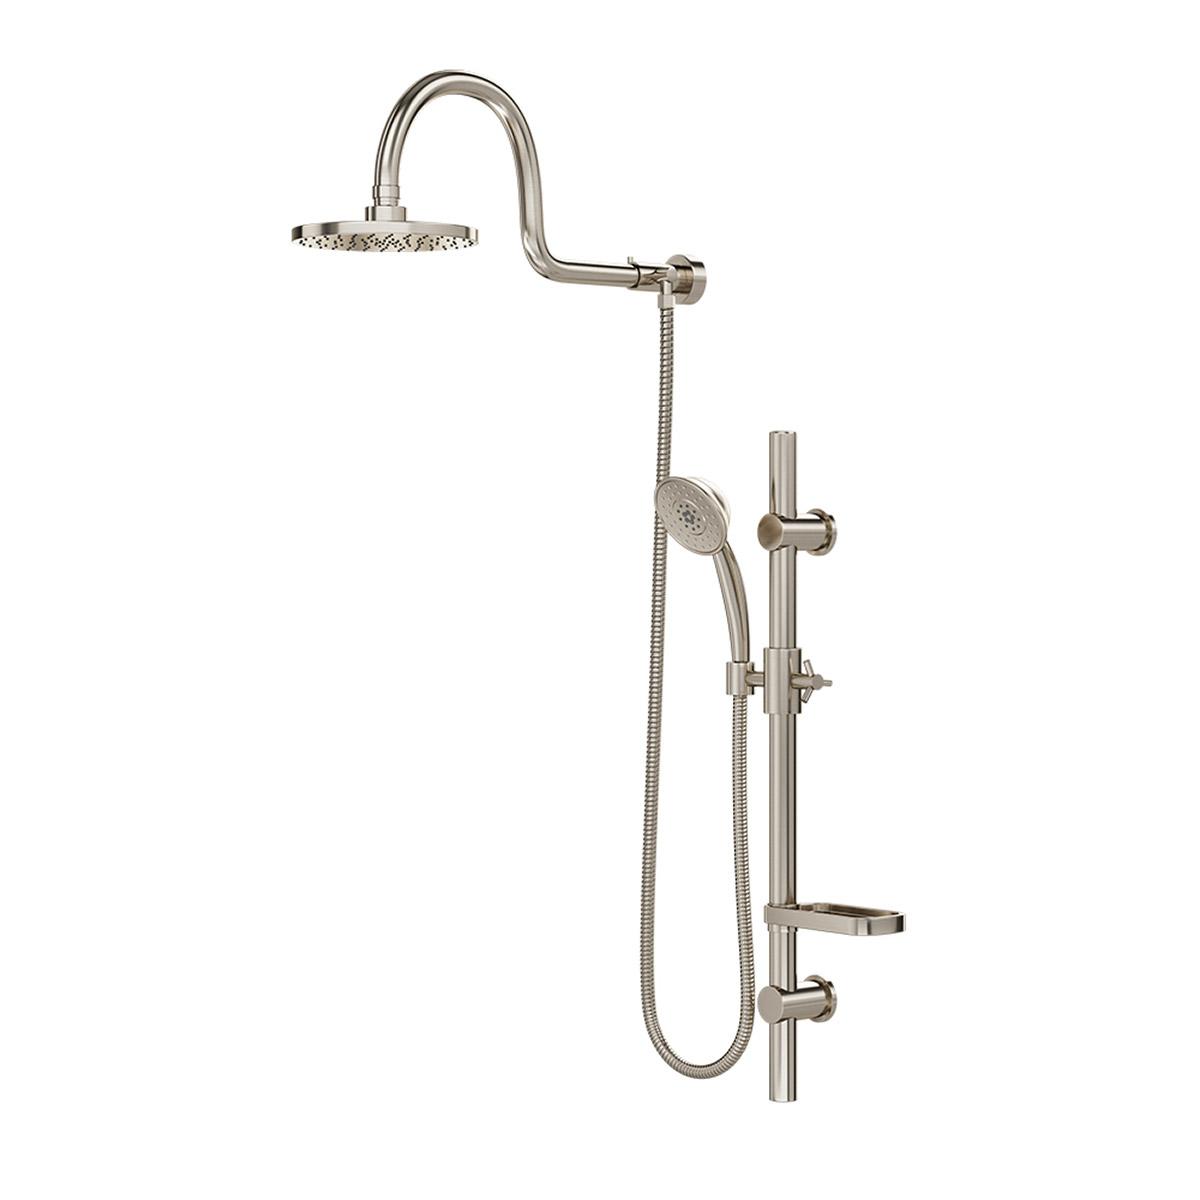 PULSE ShowerSpas Brushed-Nickel Shower System - Aqua Rain Shower System